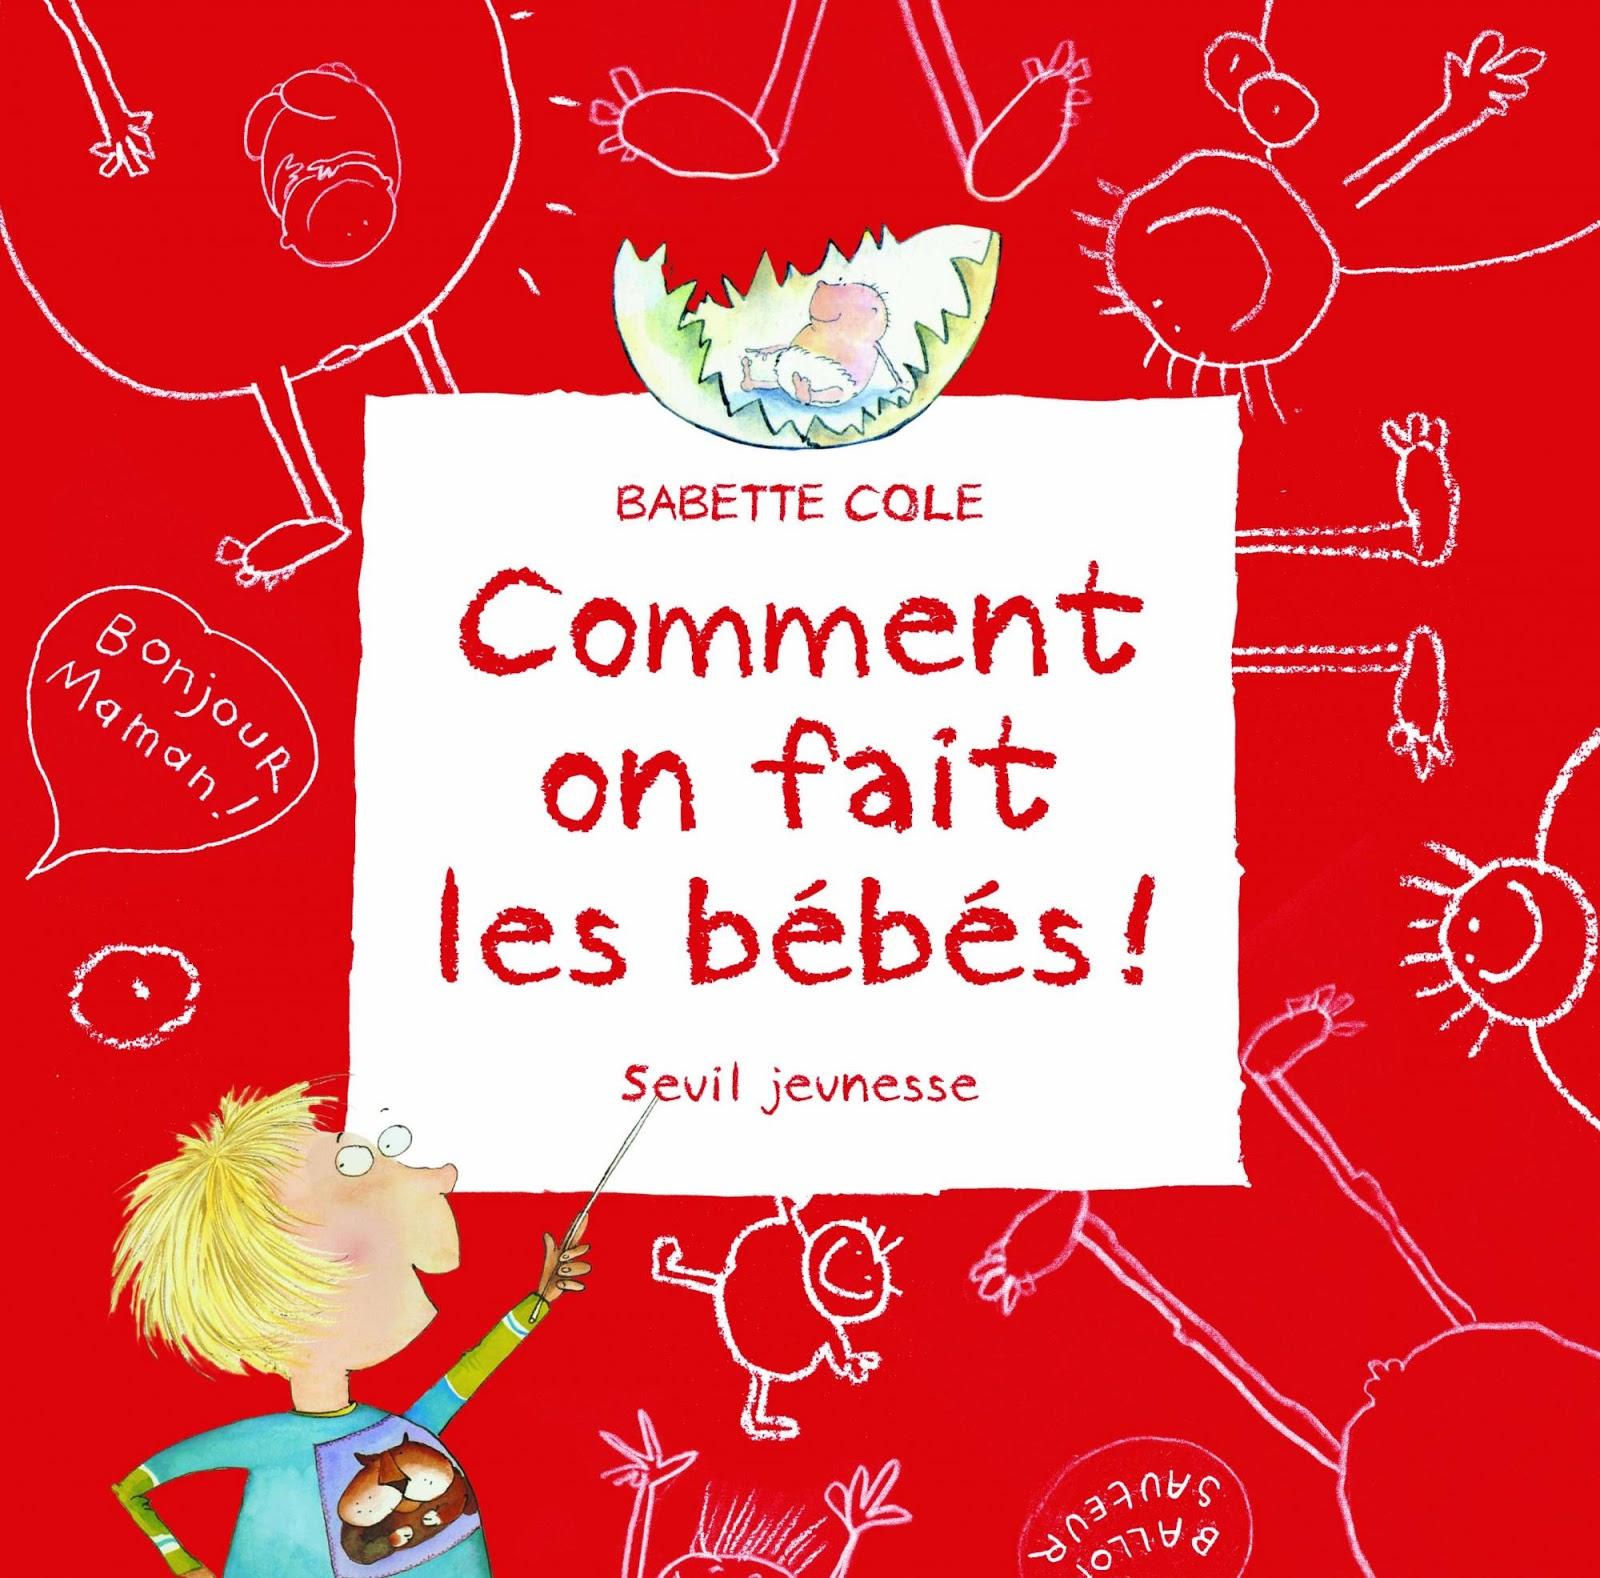 adaptation fran§aise de Marianne Cockenpot Seuil Jeunesse 1993 demeurera le best seller en fran§ais de Babette Cole avec plus de 100 000 exemplaires